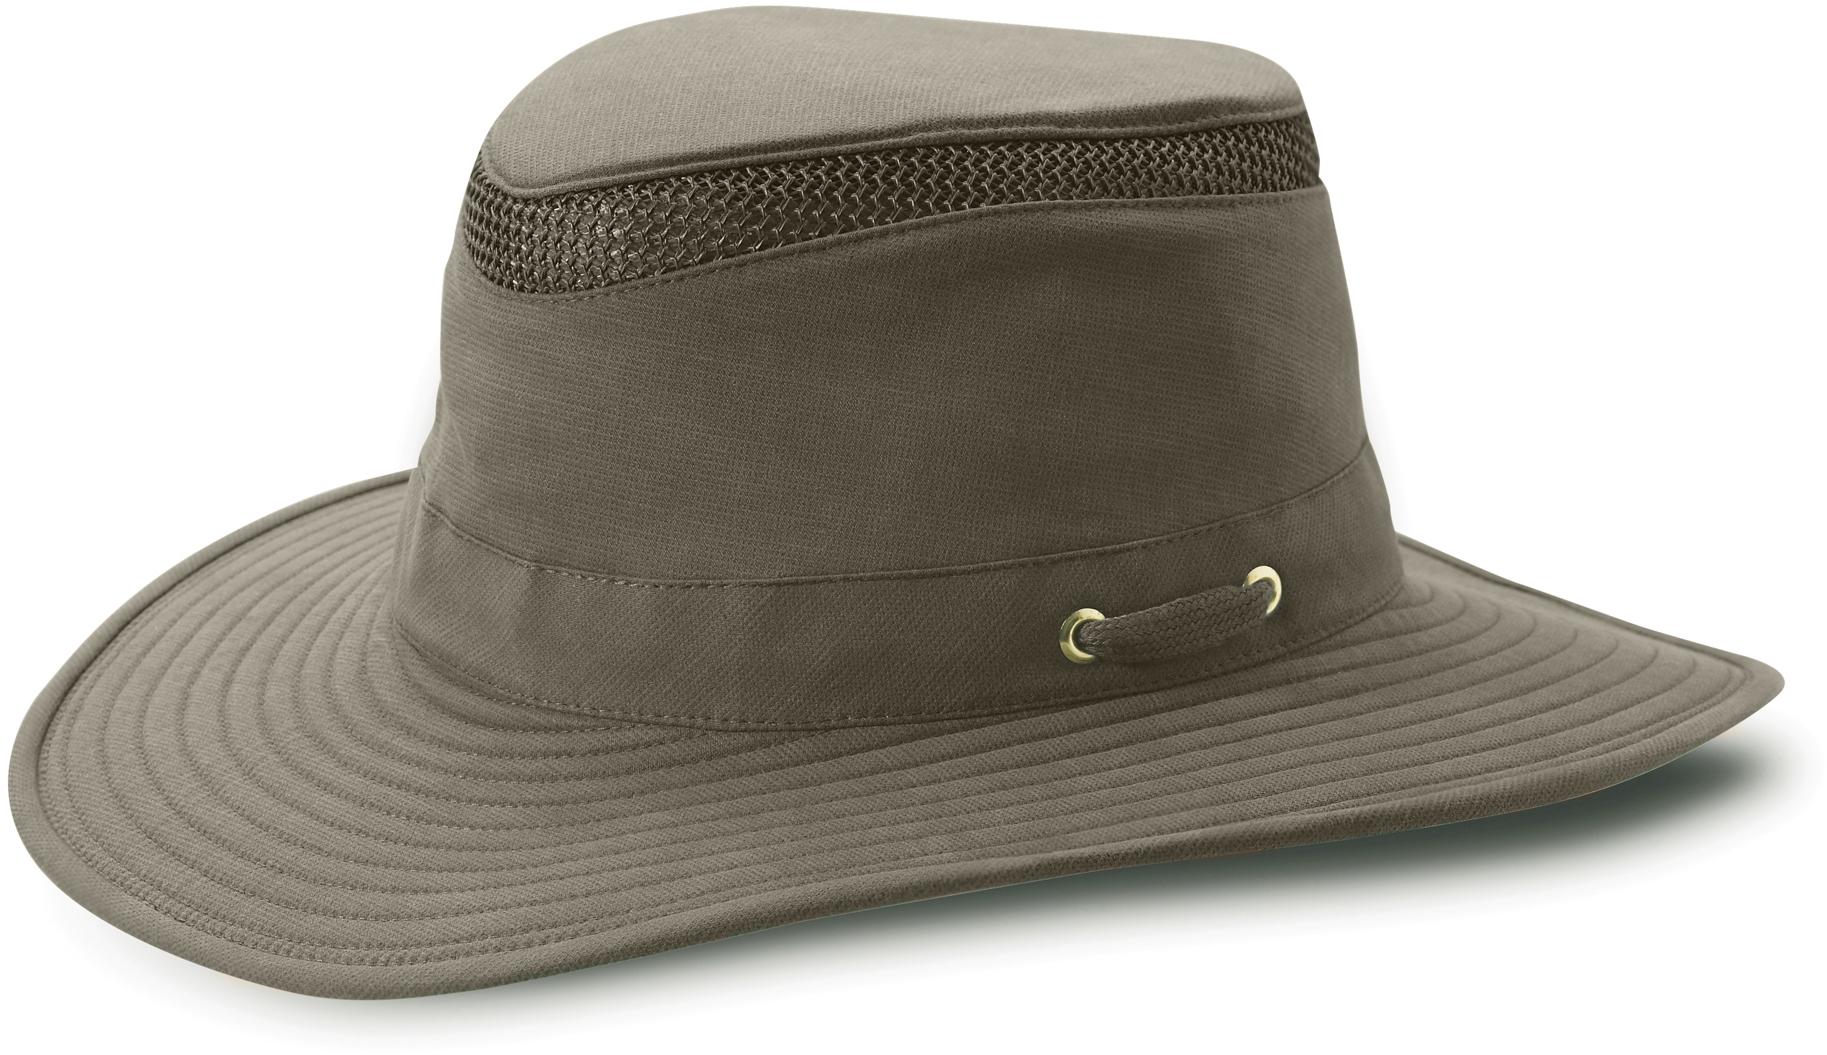 91ef9ee119474 Tilley Endurables Hiker s Hat - Unisex